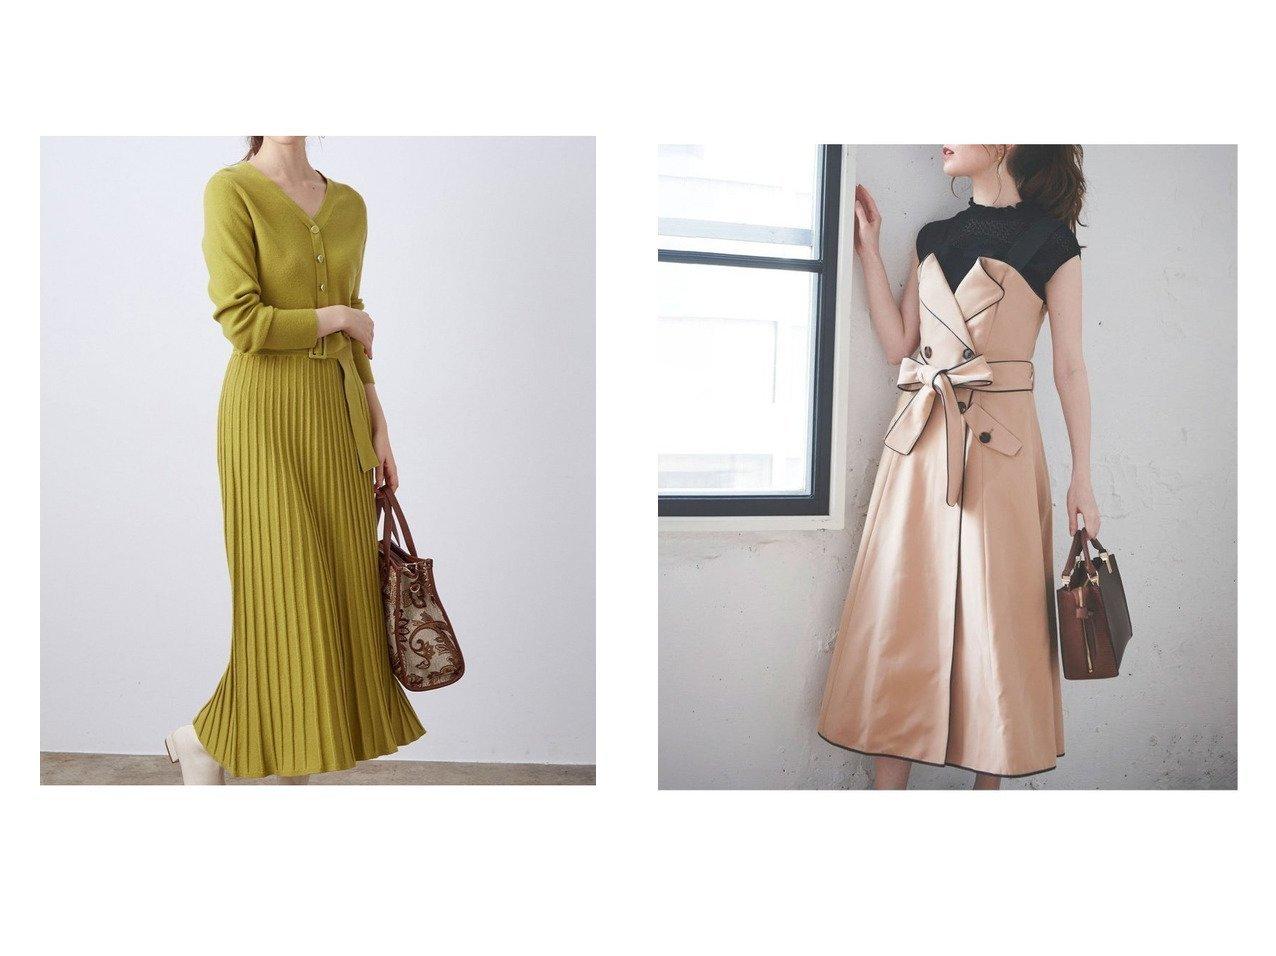 【Noela/ノエラ】のパイピングフレアジャンスカ&【VIS/ビス】のベルト付きプリーツニットワンピース ワンピース・ドレスのおすすめ!人気、レディースファッションの通販 おすすめで人気のファッション通販商品 インテリア・家具・キッズファッション・メンズファッション・レディースファッション・服の通販 founy(ファニー) https://founy.com/ ファッション Fashion レディース WOMEN ワンピース Dress ニットワンピース Knit Dresses ベルト Belts ガーリー フェミニン フロント プリーツ シャーリング パイピング  ID:crp329100000001369